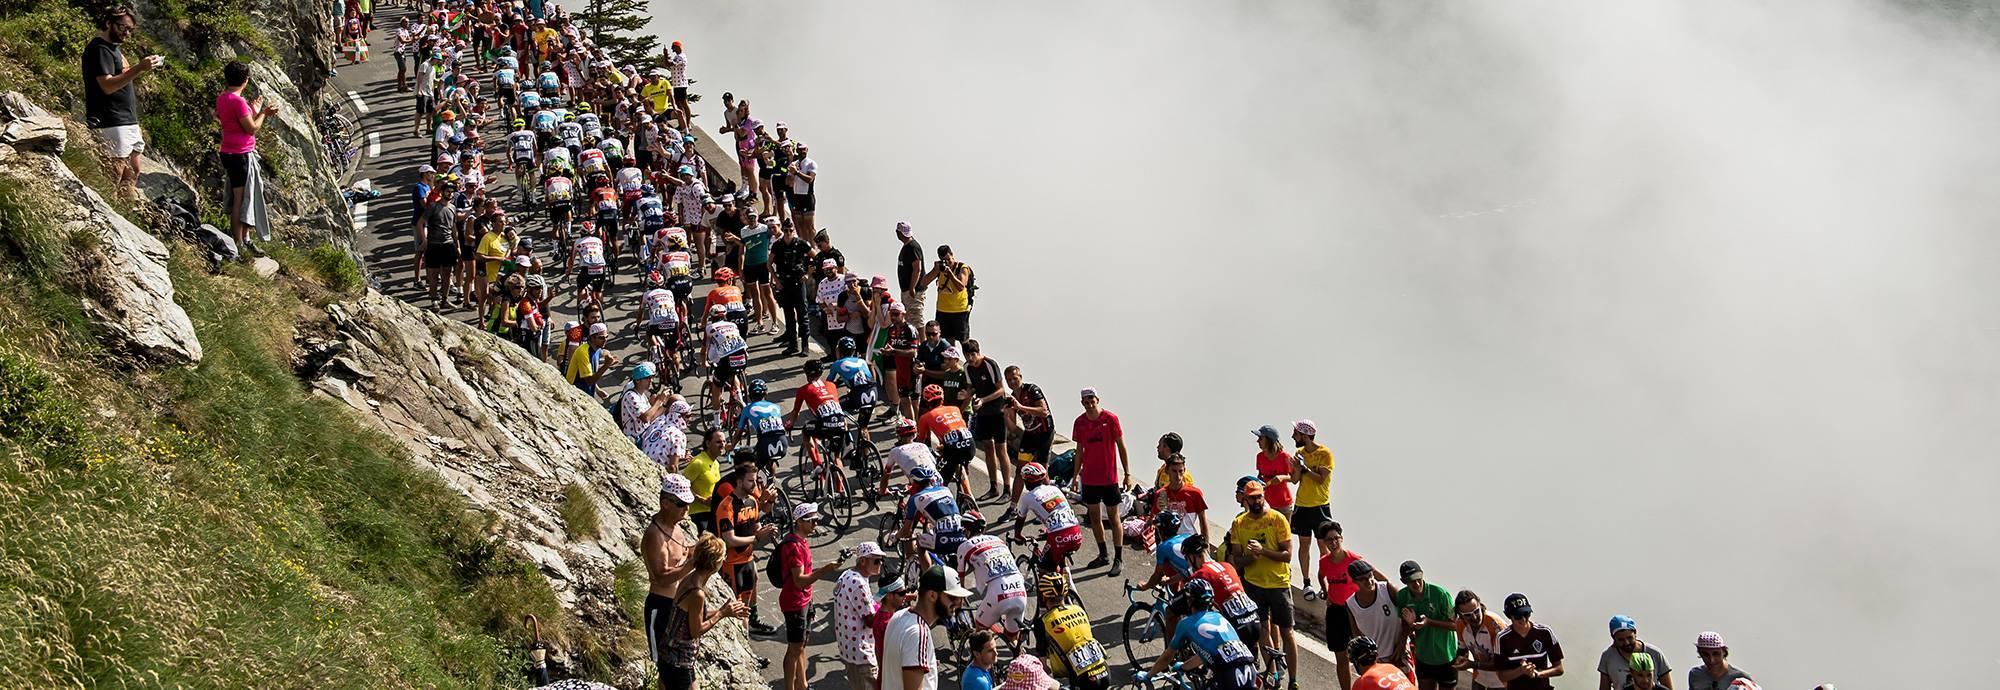 Header: Biescas > Col du Tourmalet